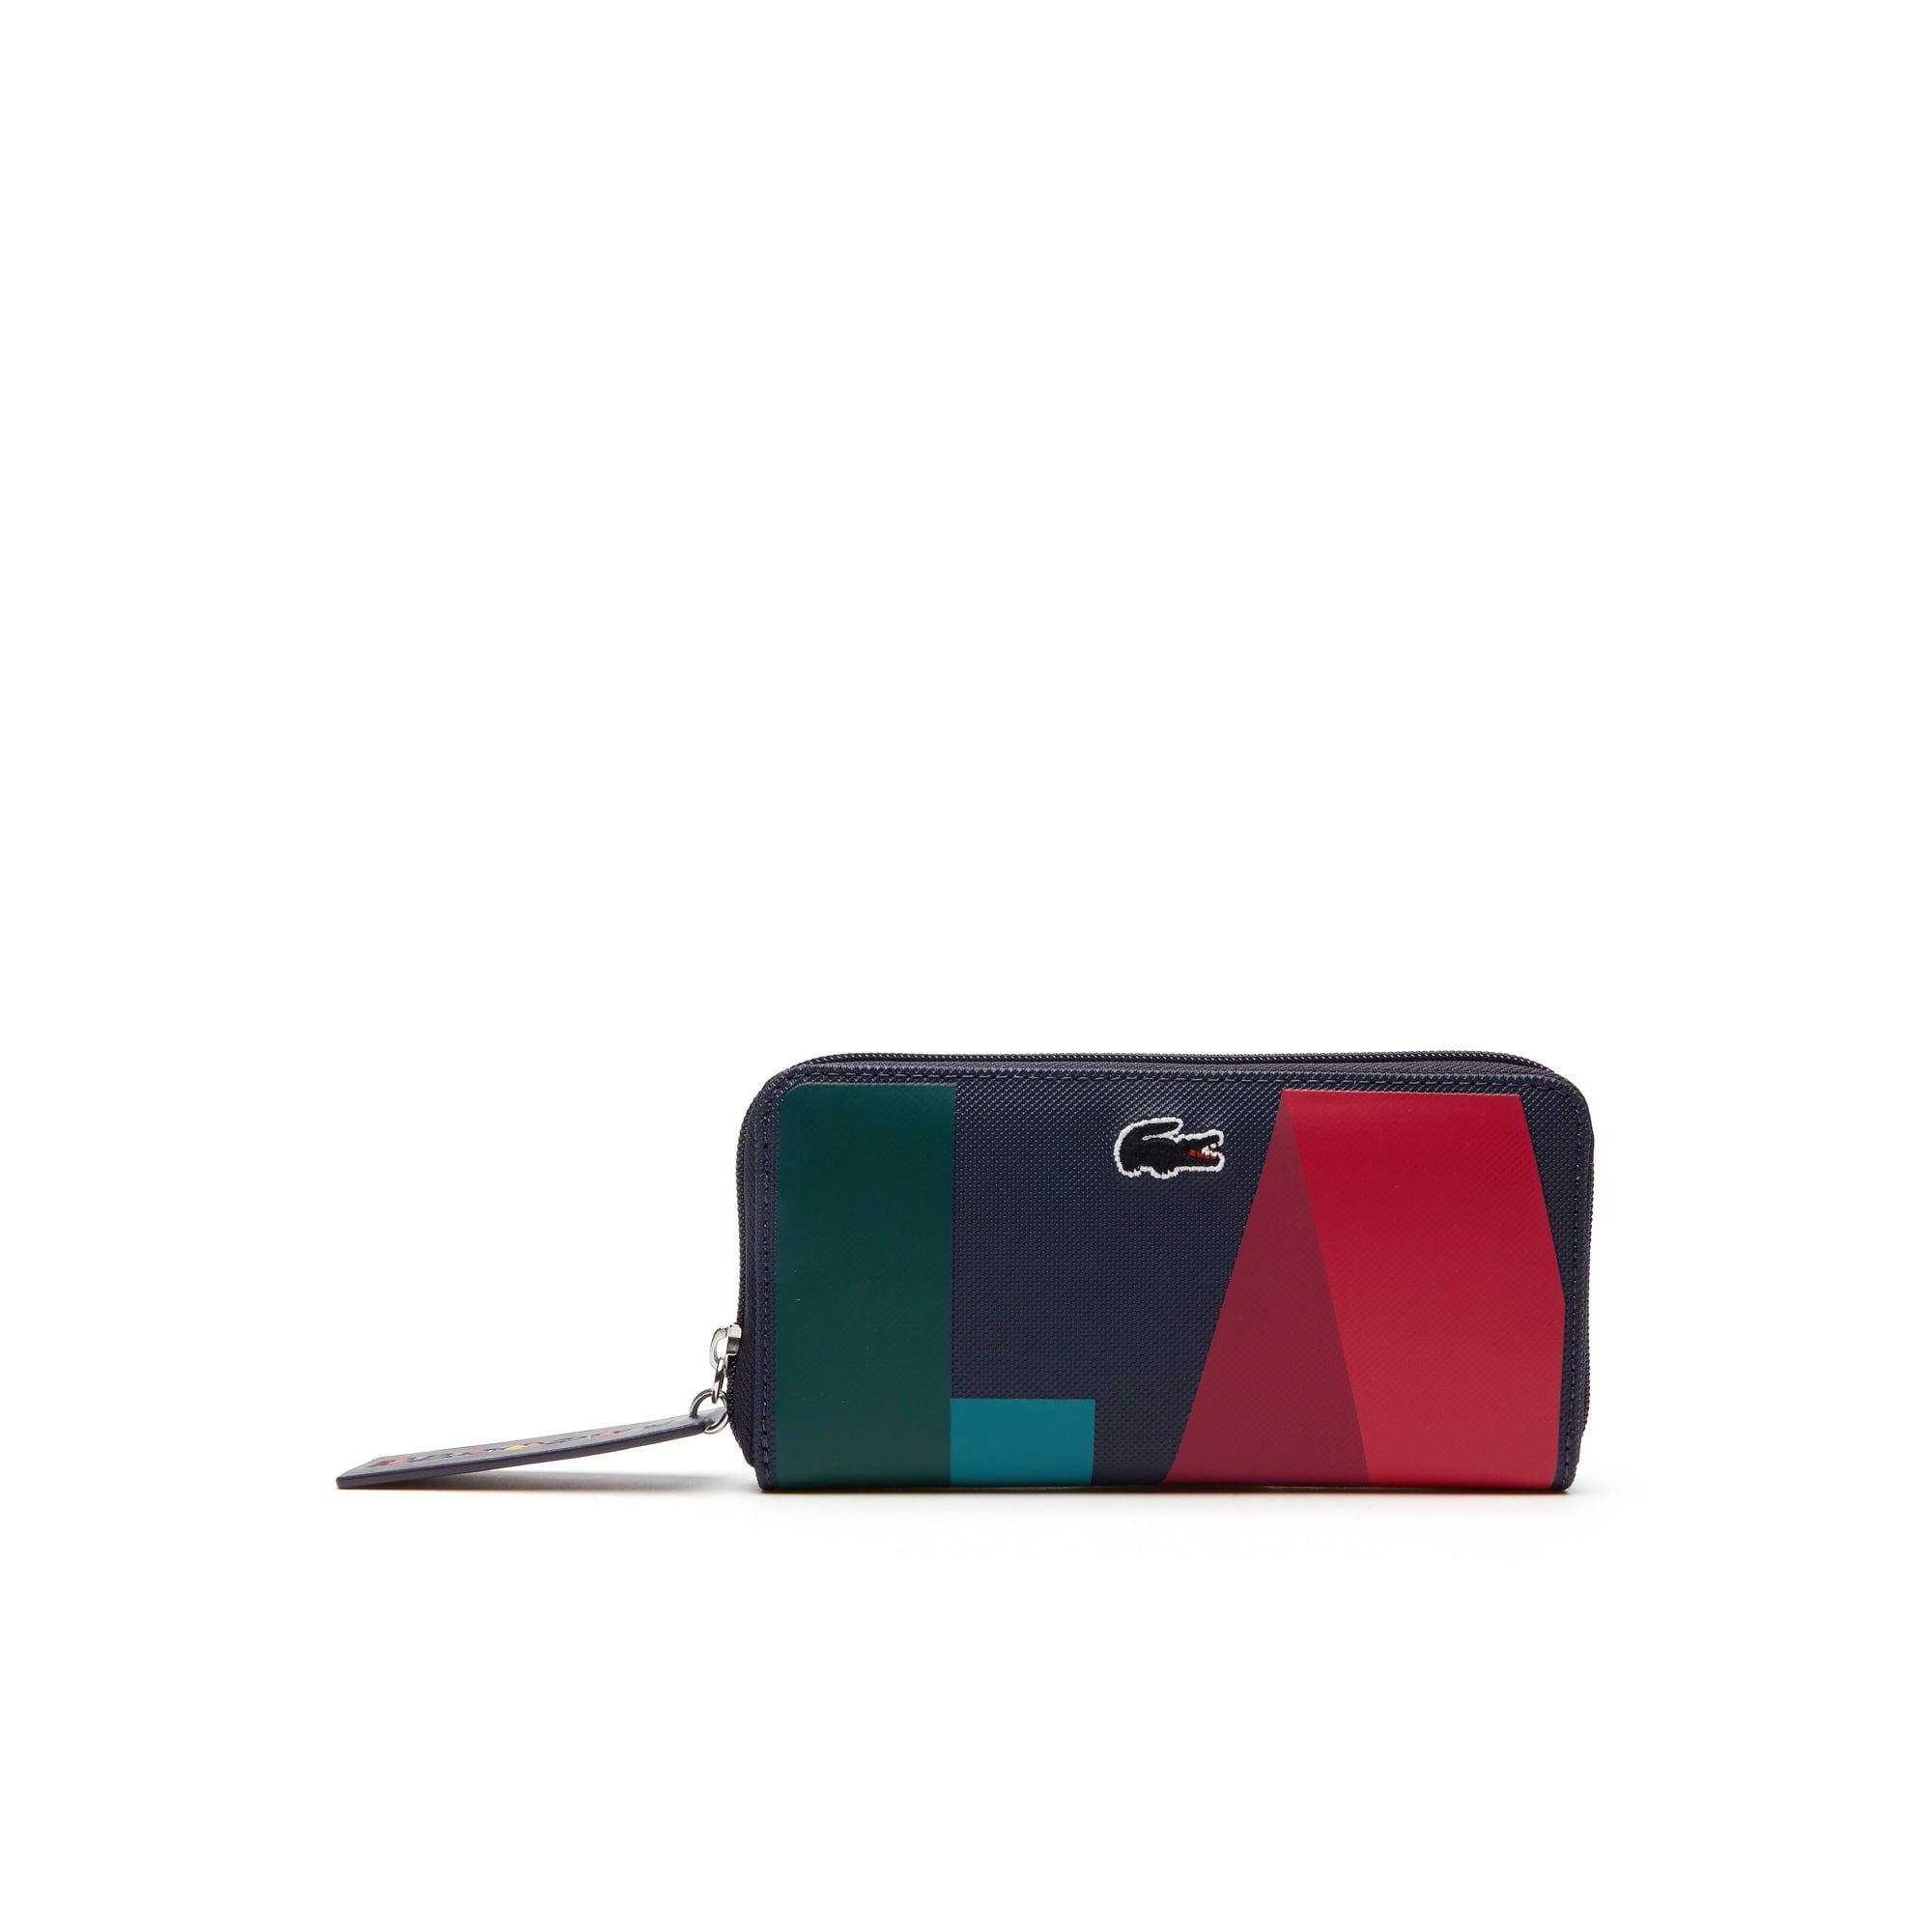 Billetera De Mujer L.12.12 Concept En Petit Piqué Color Block Con Cremallera